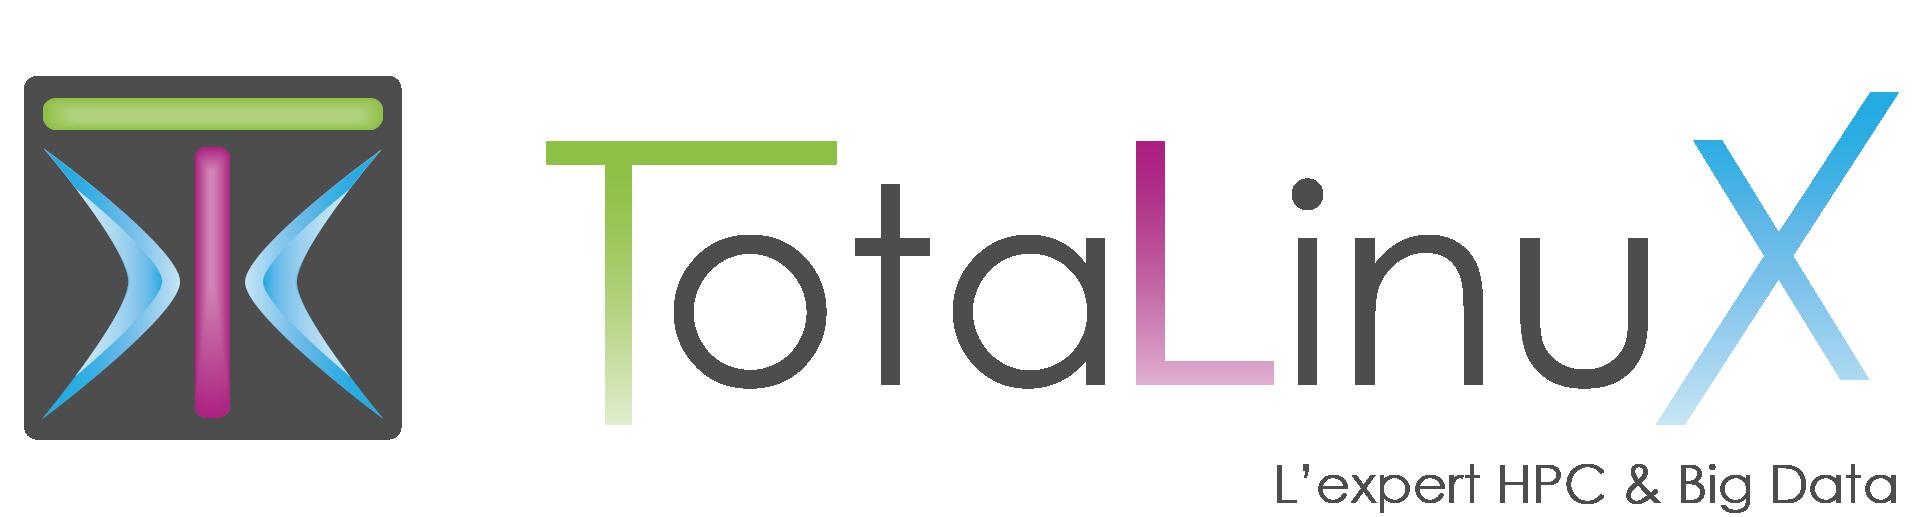 TOTALINUX Logo